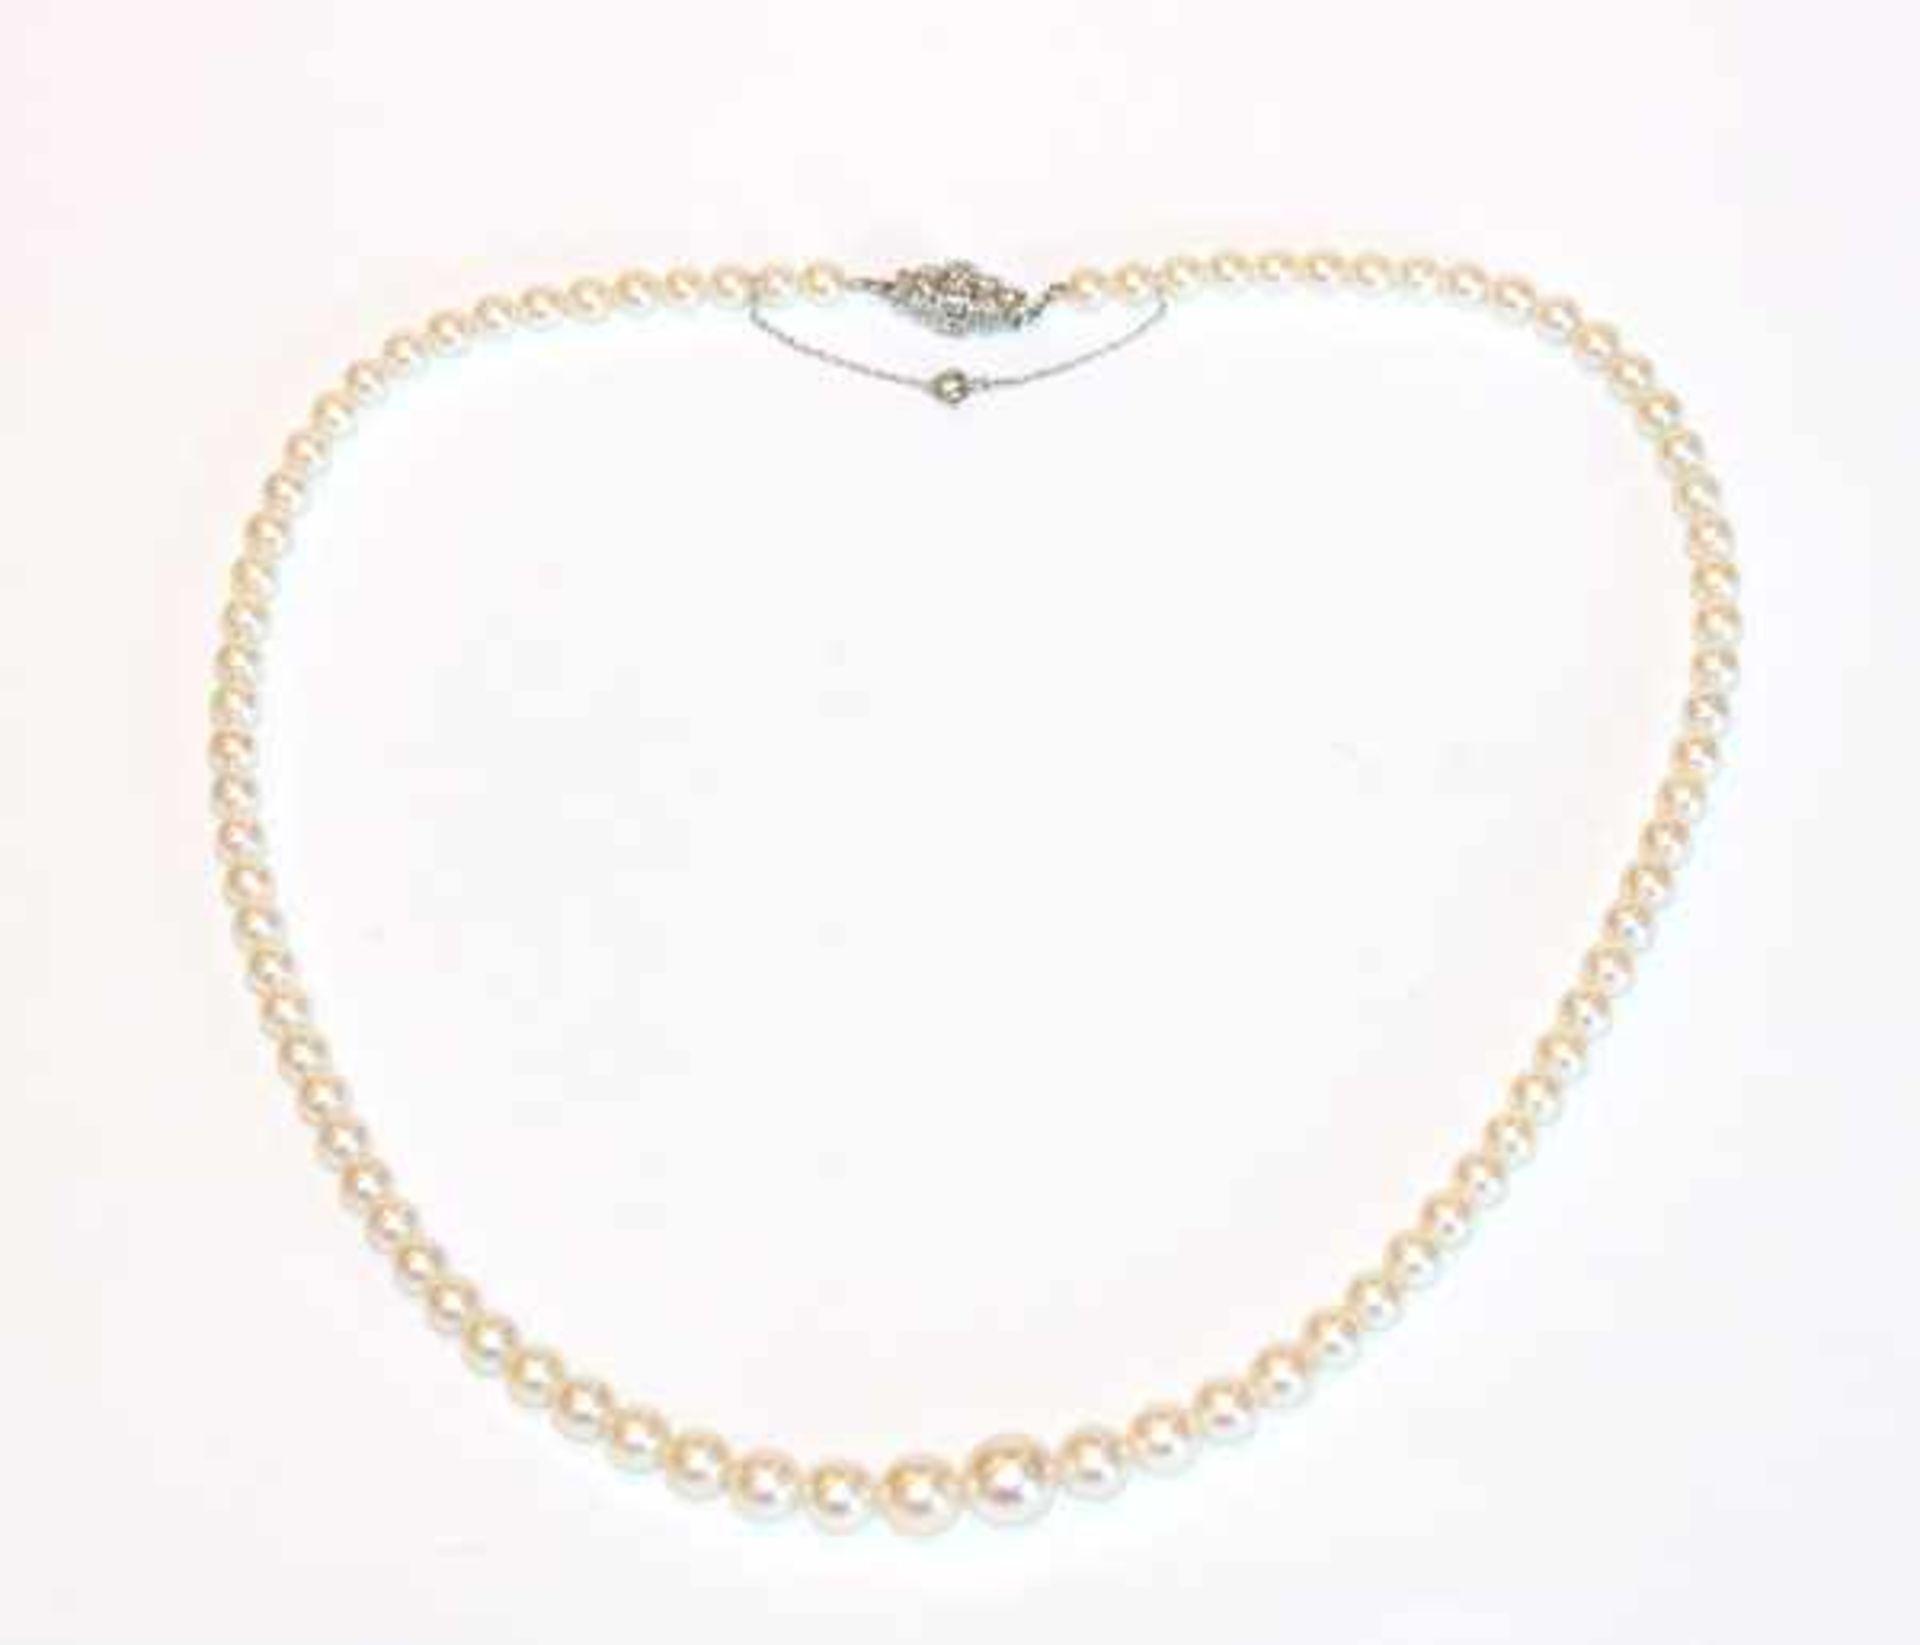 Los 12 - Perlenkette in Verlaufform mit 14 k Weißgold Schließe und Diamanten, gute Qualität, L 46 cm